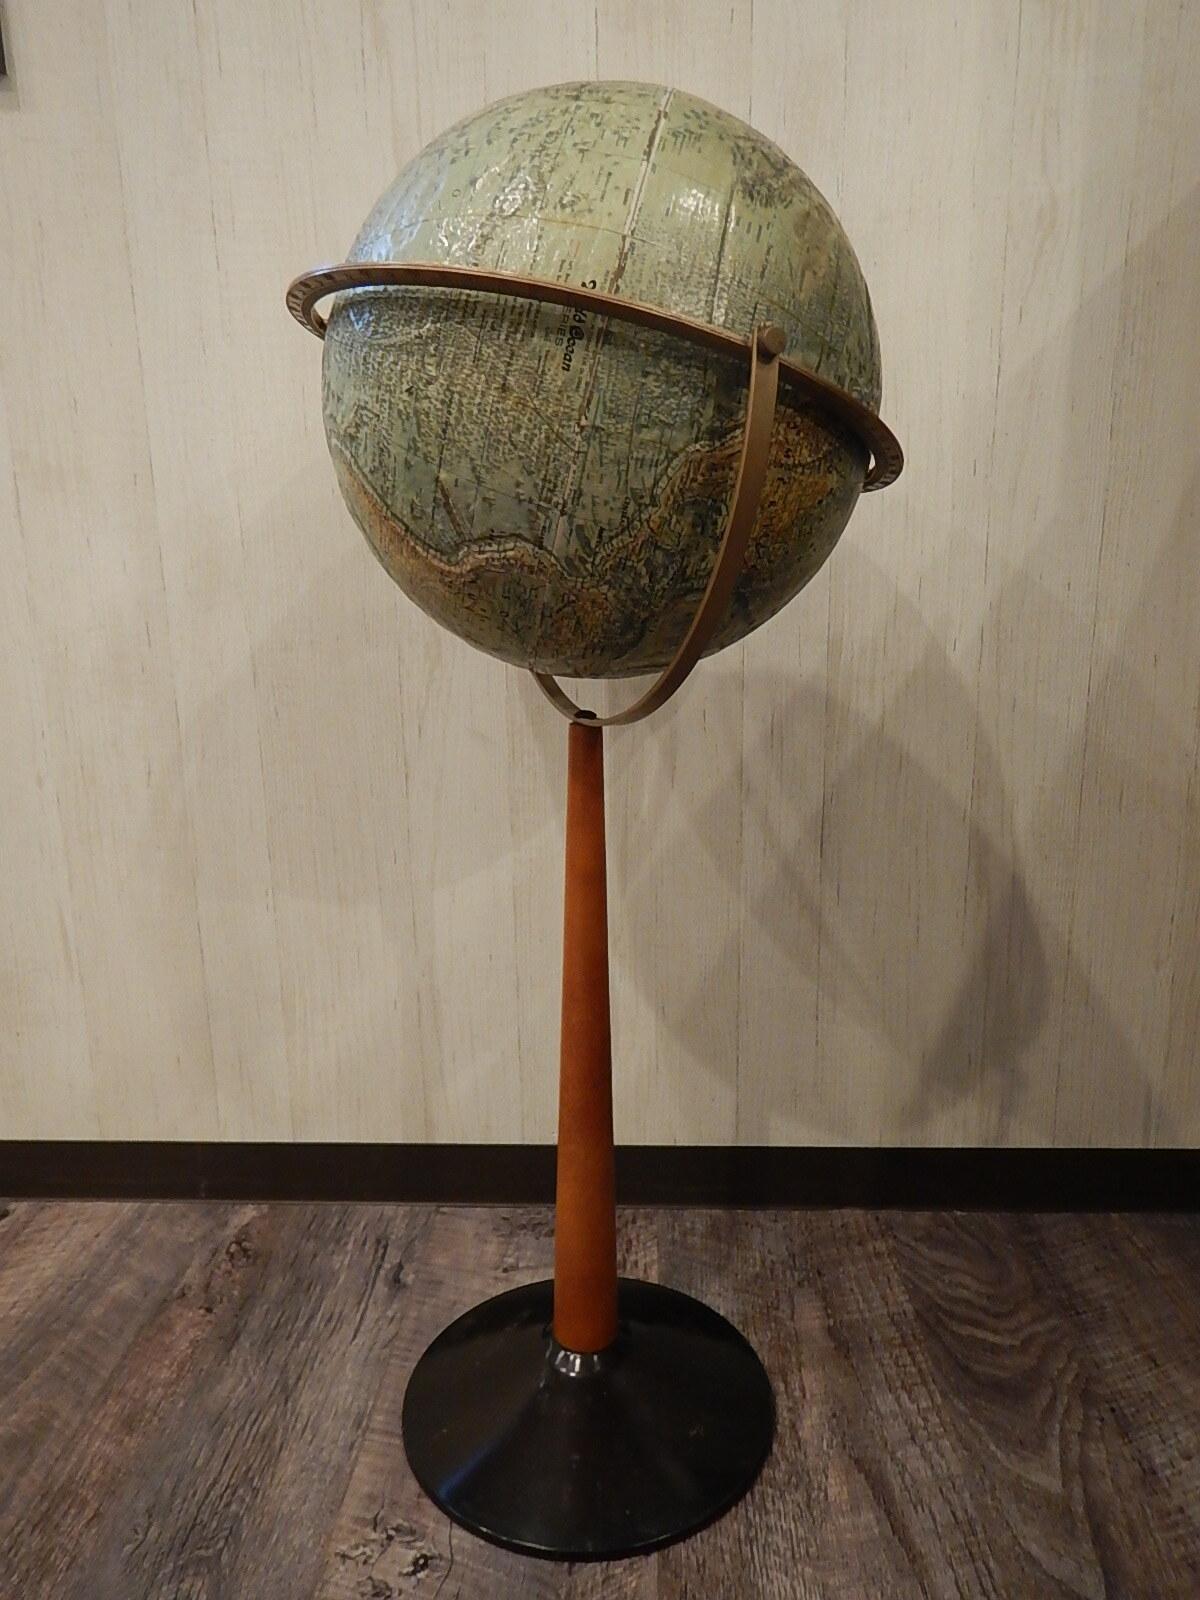 品番1706 ヴィンテージ地球儀 60年代 スタンド式 011